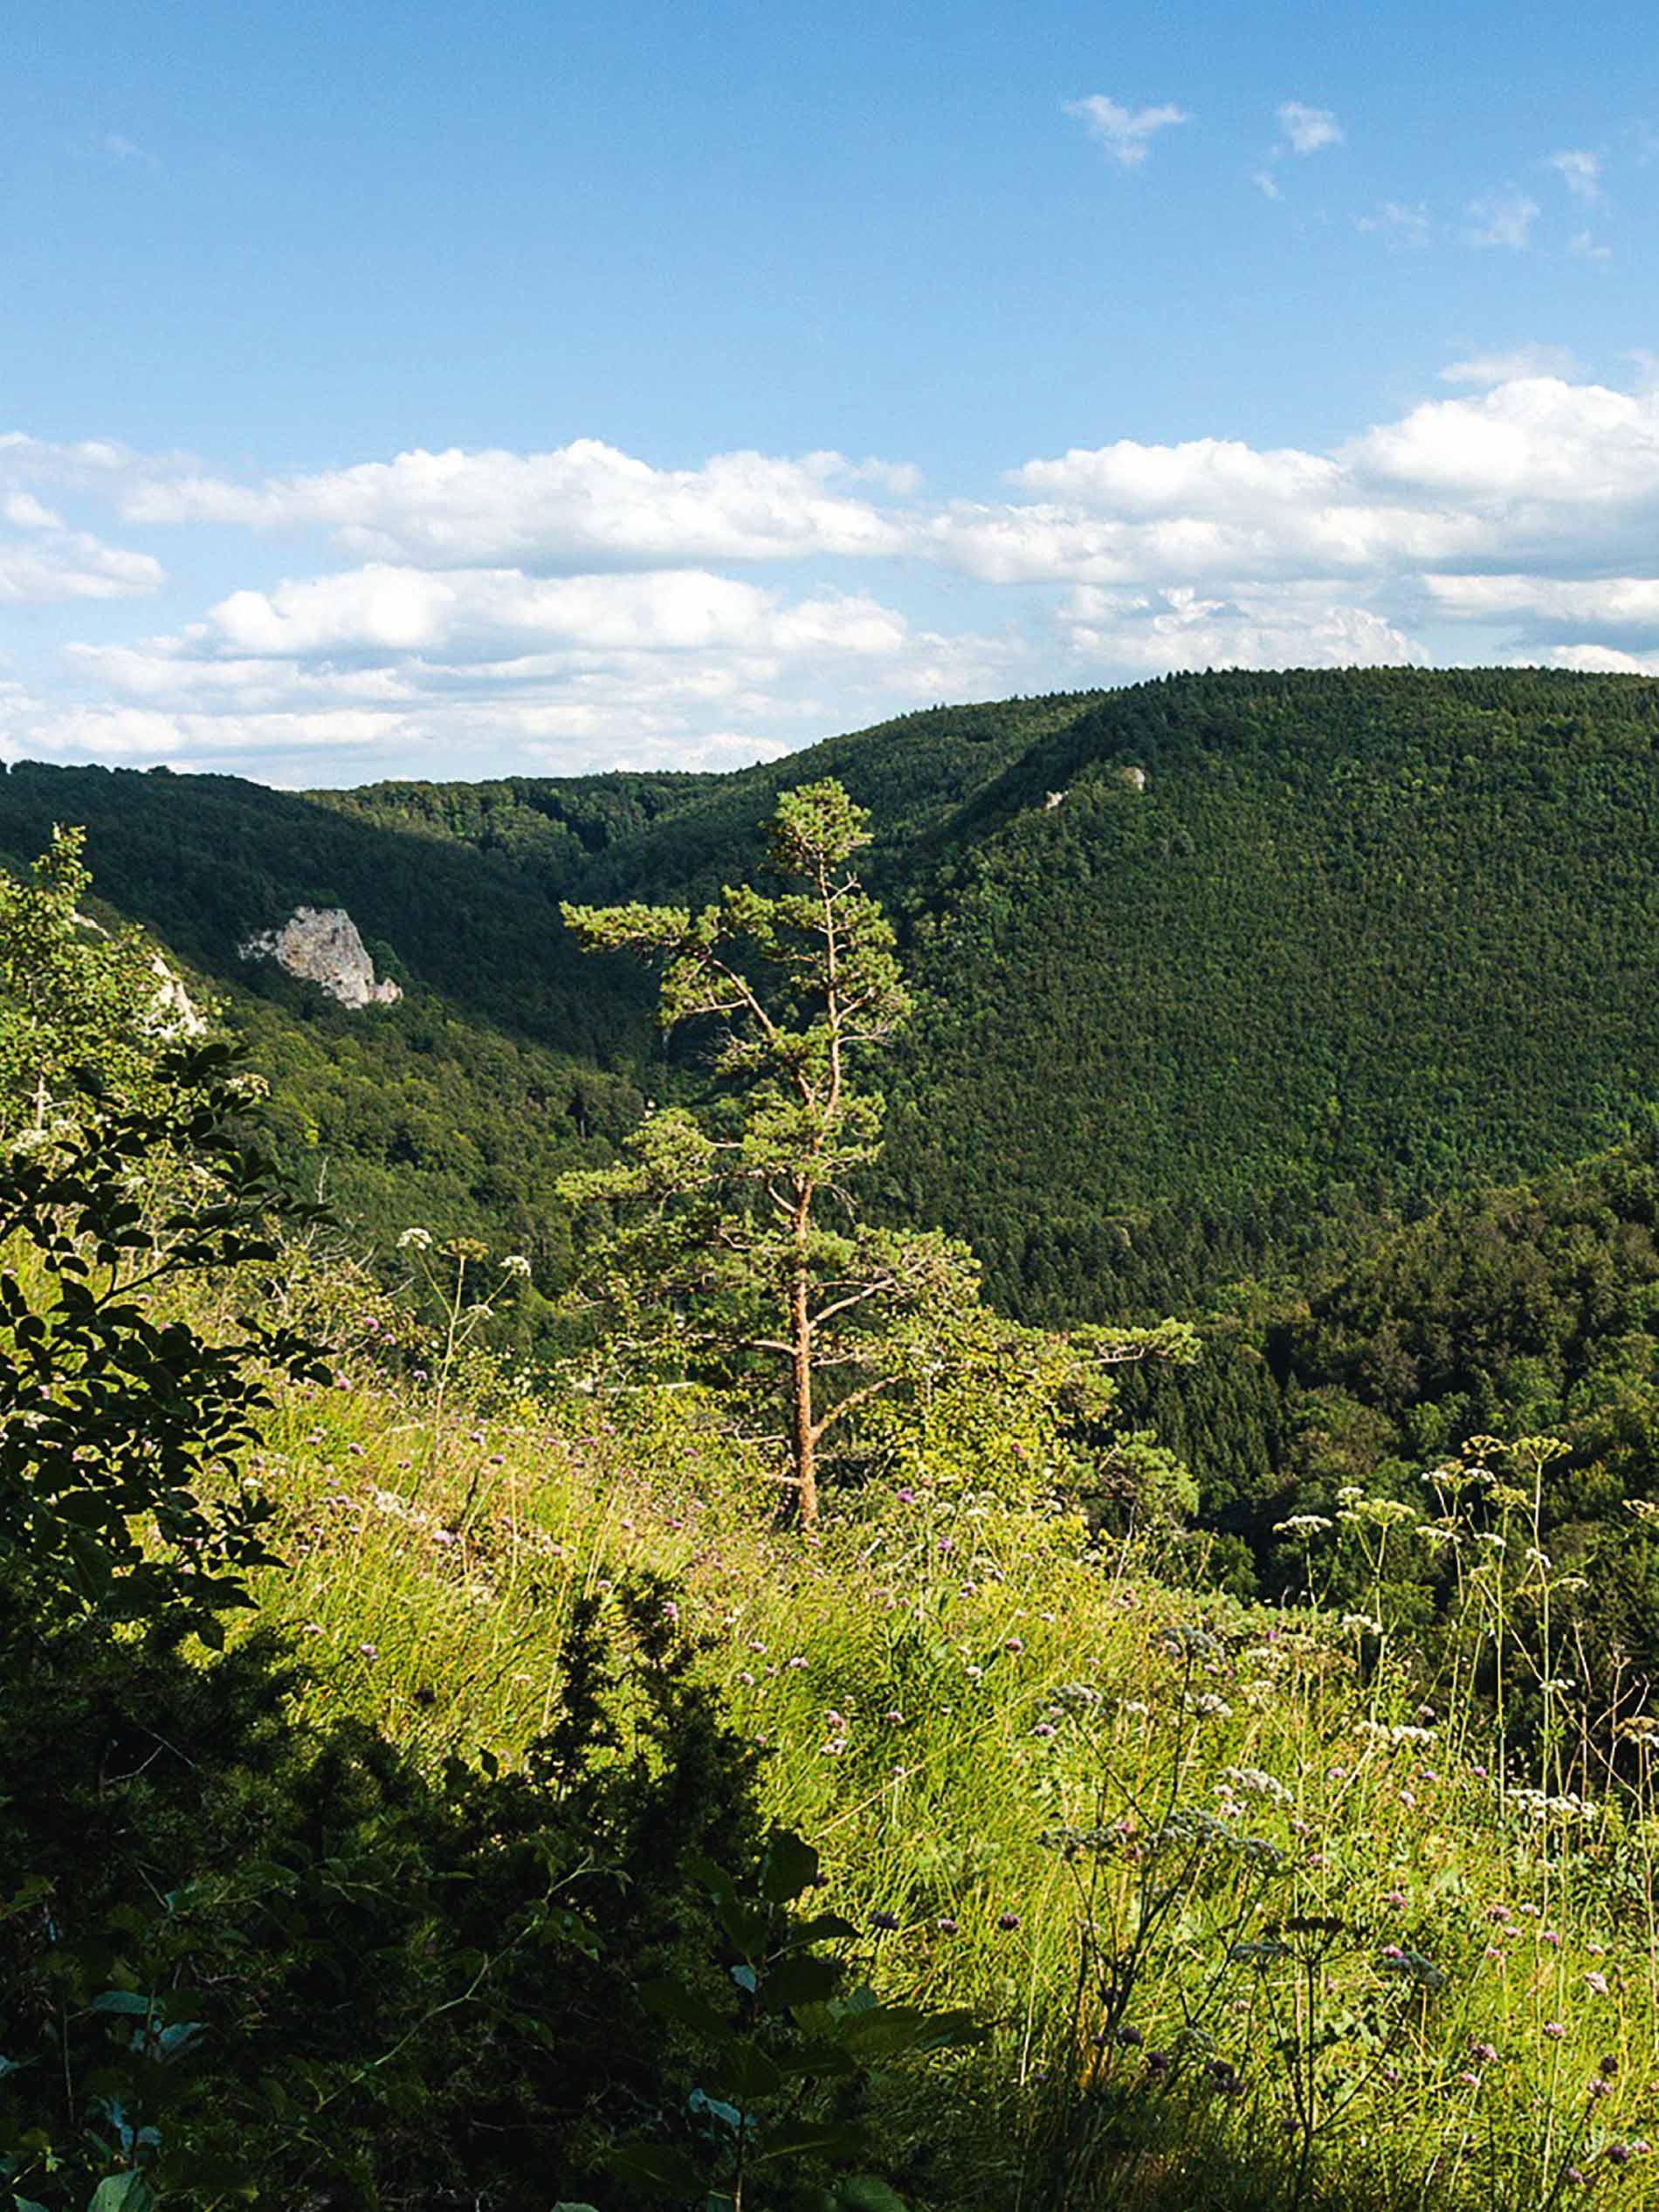 landschapsfoto van de Schwäbische Alb in de zomer, groene weide met boom en struikjes op de voorgrond, beboste hellingen op de achtergrond   mey®